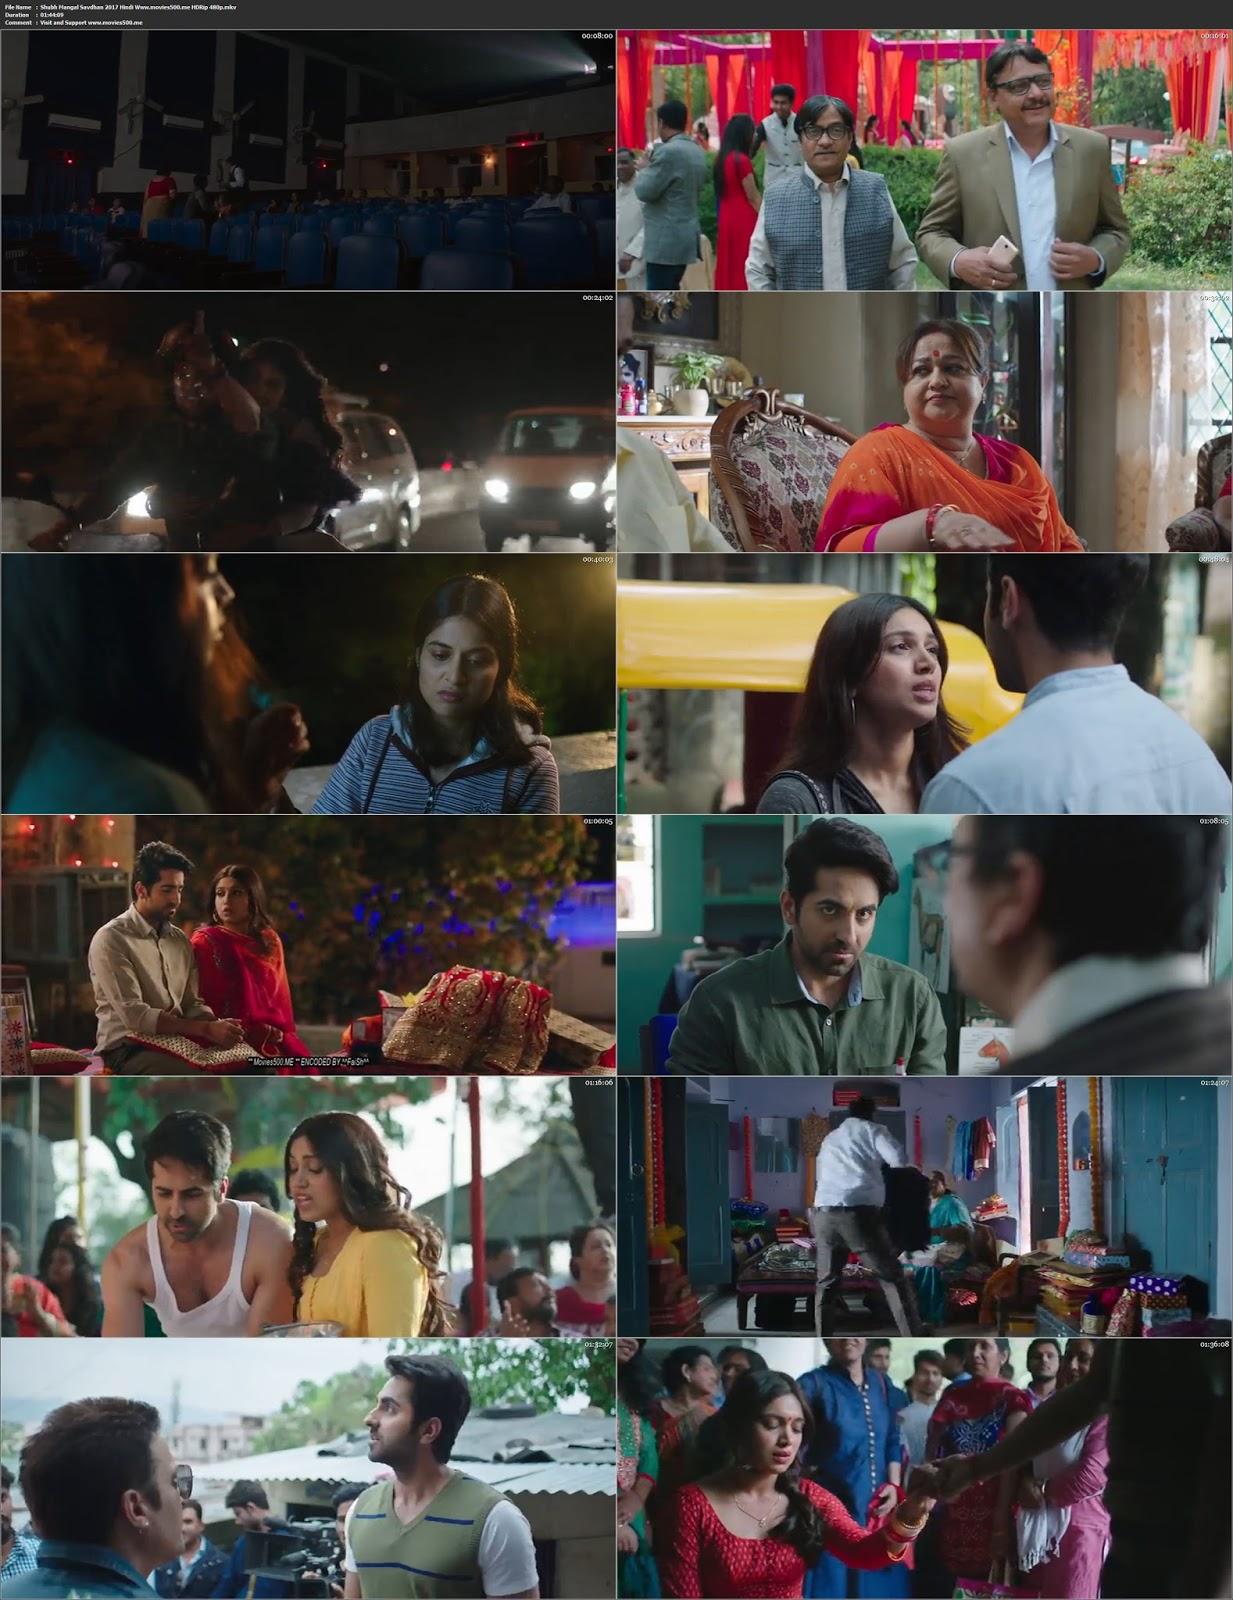 Shubh Mangal Saavdhan 2017 Bollywood 300MB HDRip 720p at teelaunch.co.uk